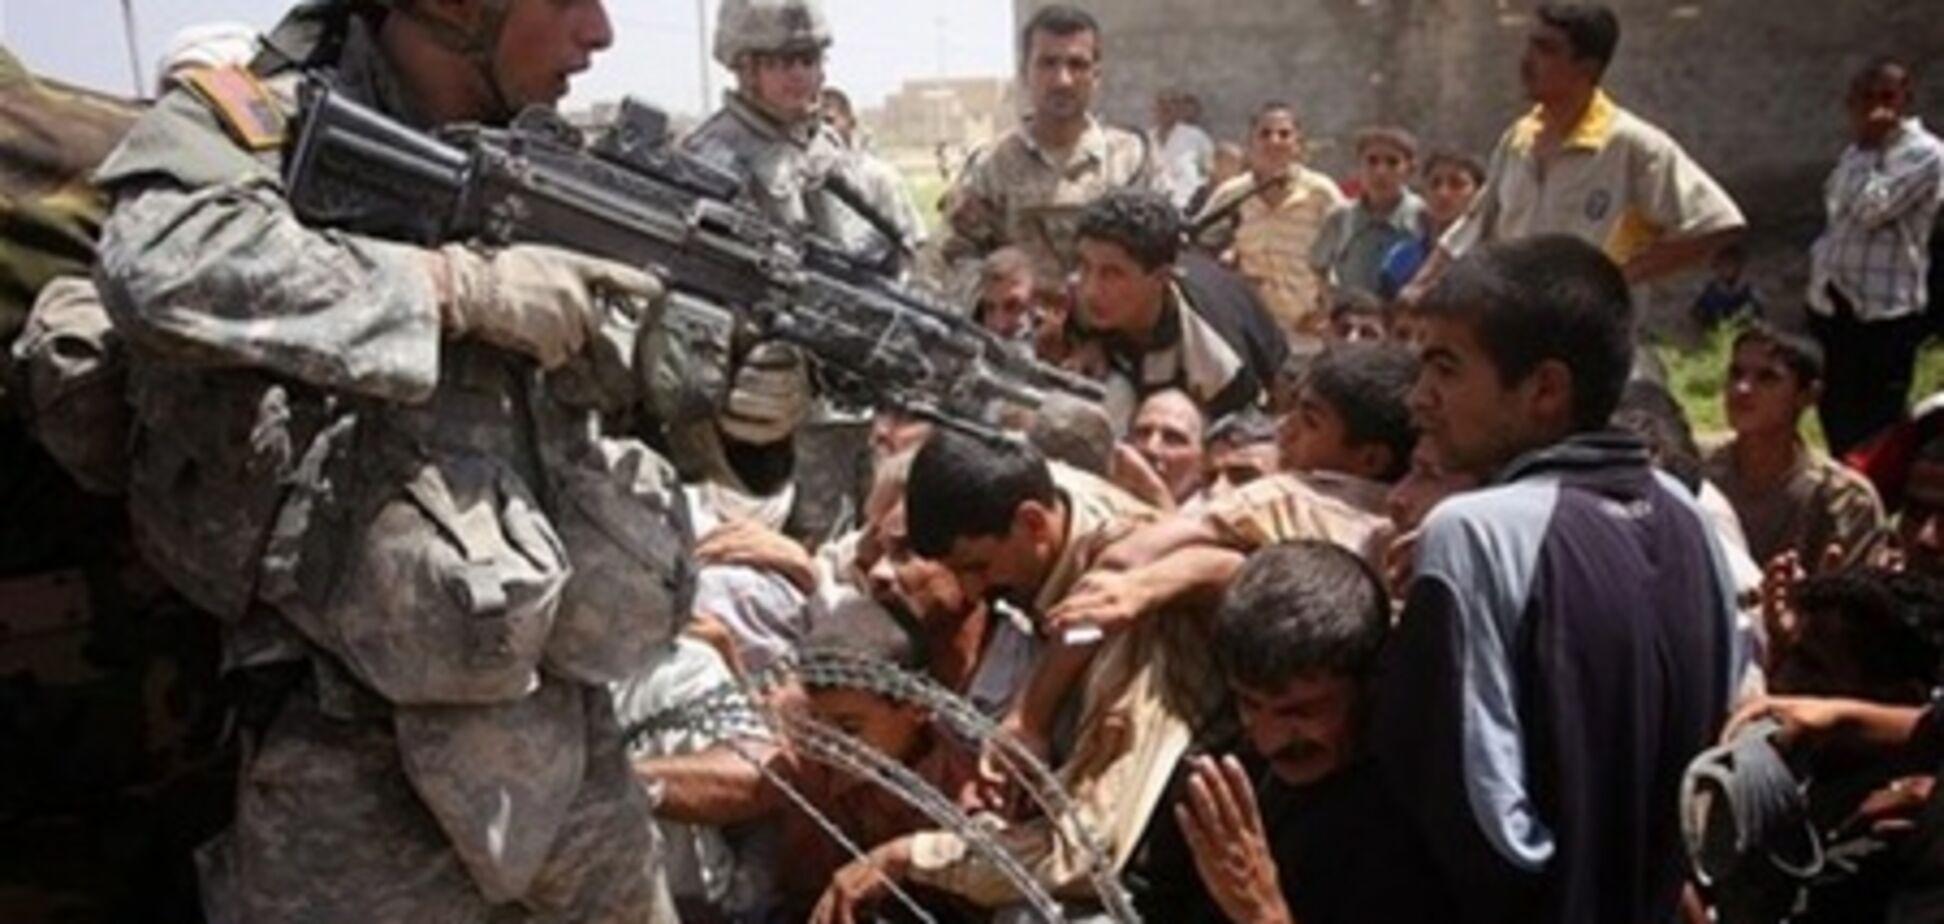 США потратили на войну в Ираке 4 триллиона долларов